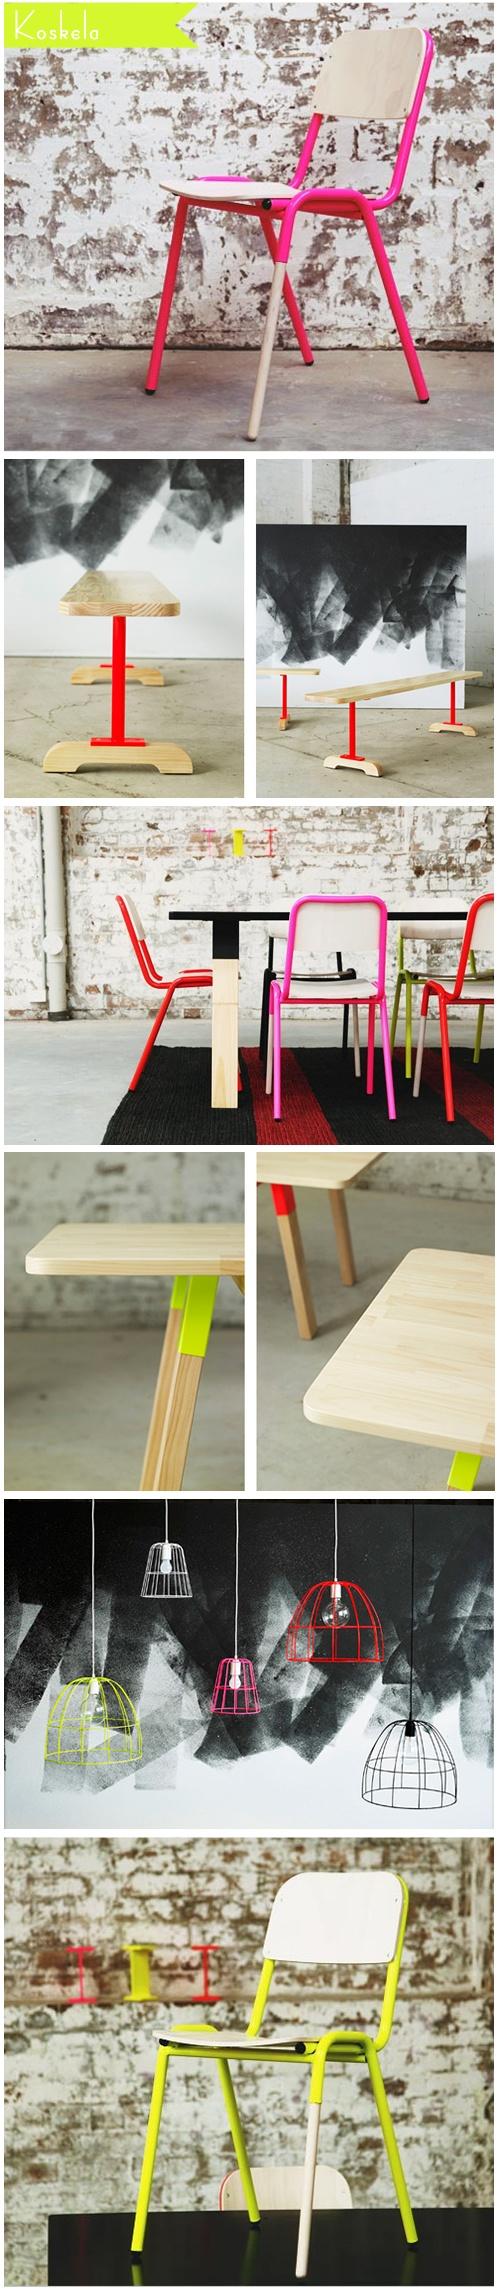 Fun neon furniture from Koskela.